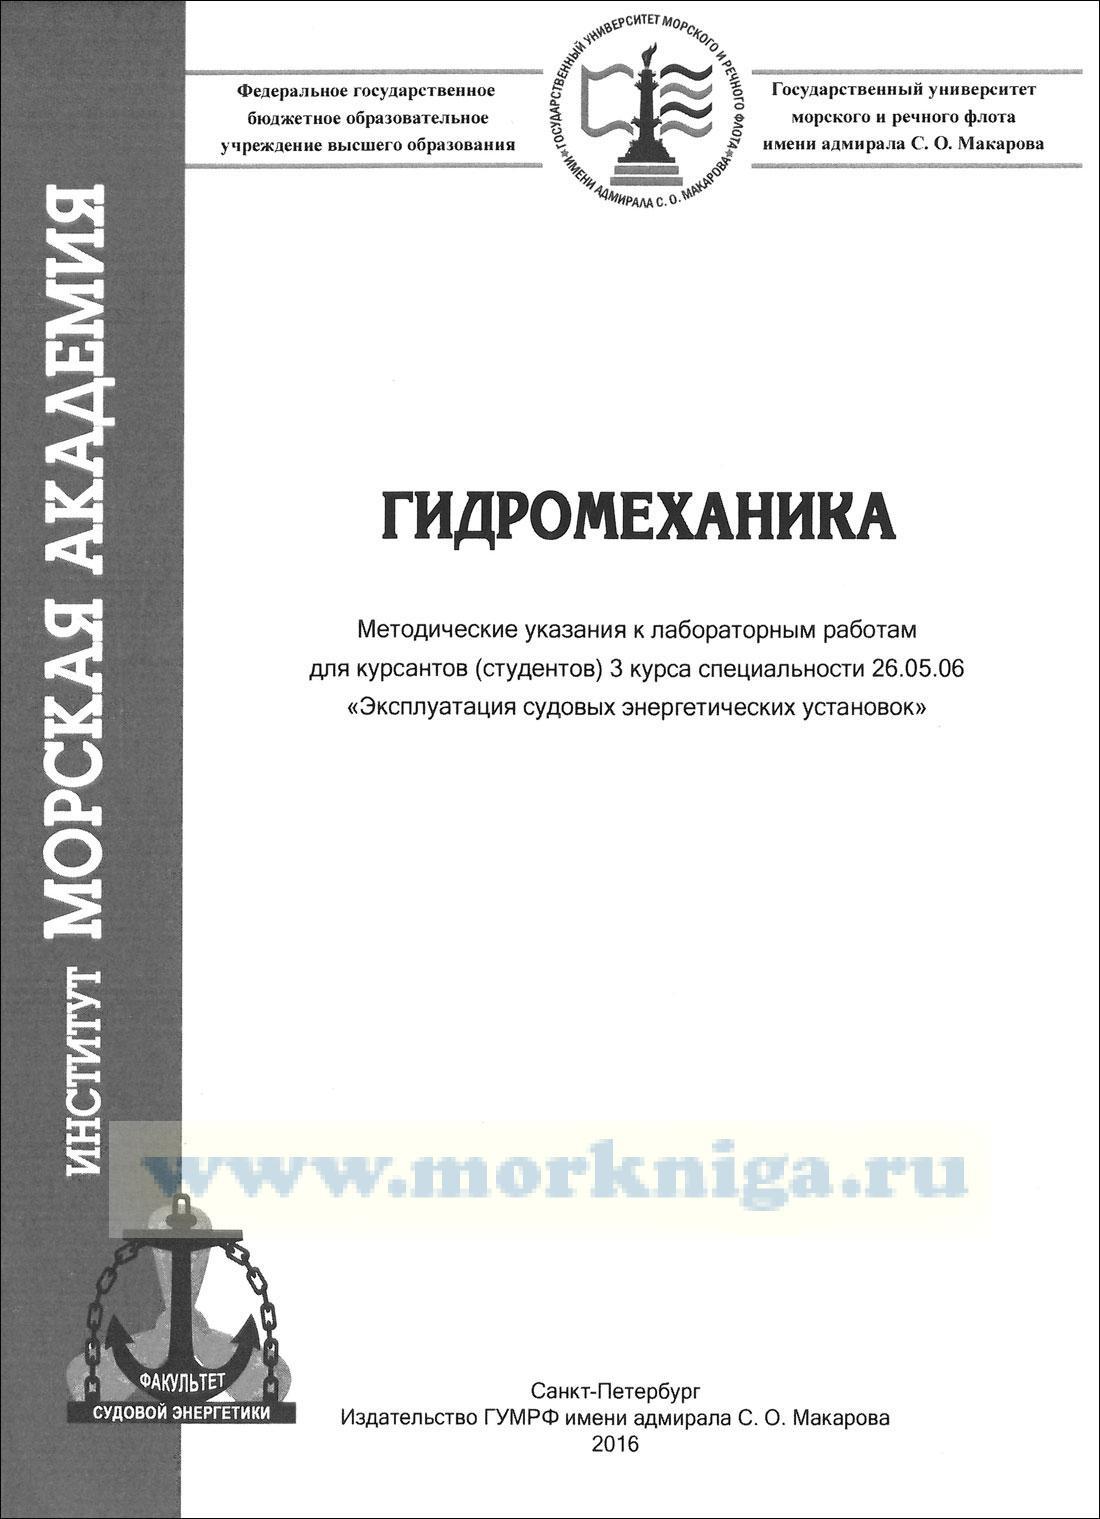 Гидромеханика: методические указания к лабораторным работам для курсантов (студентов) 3-го курса специальности 26.05.06